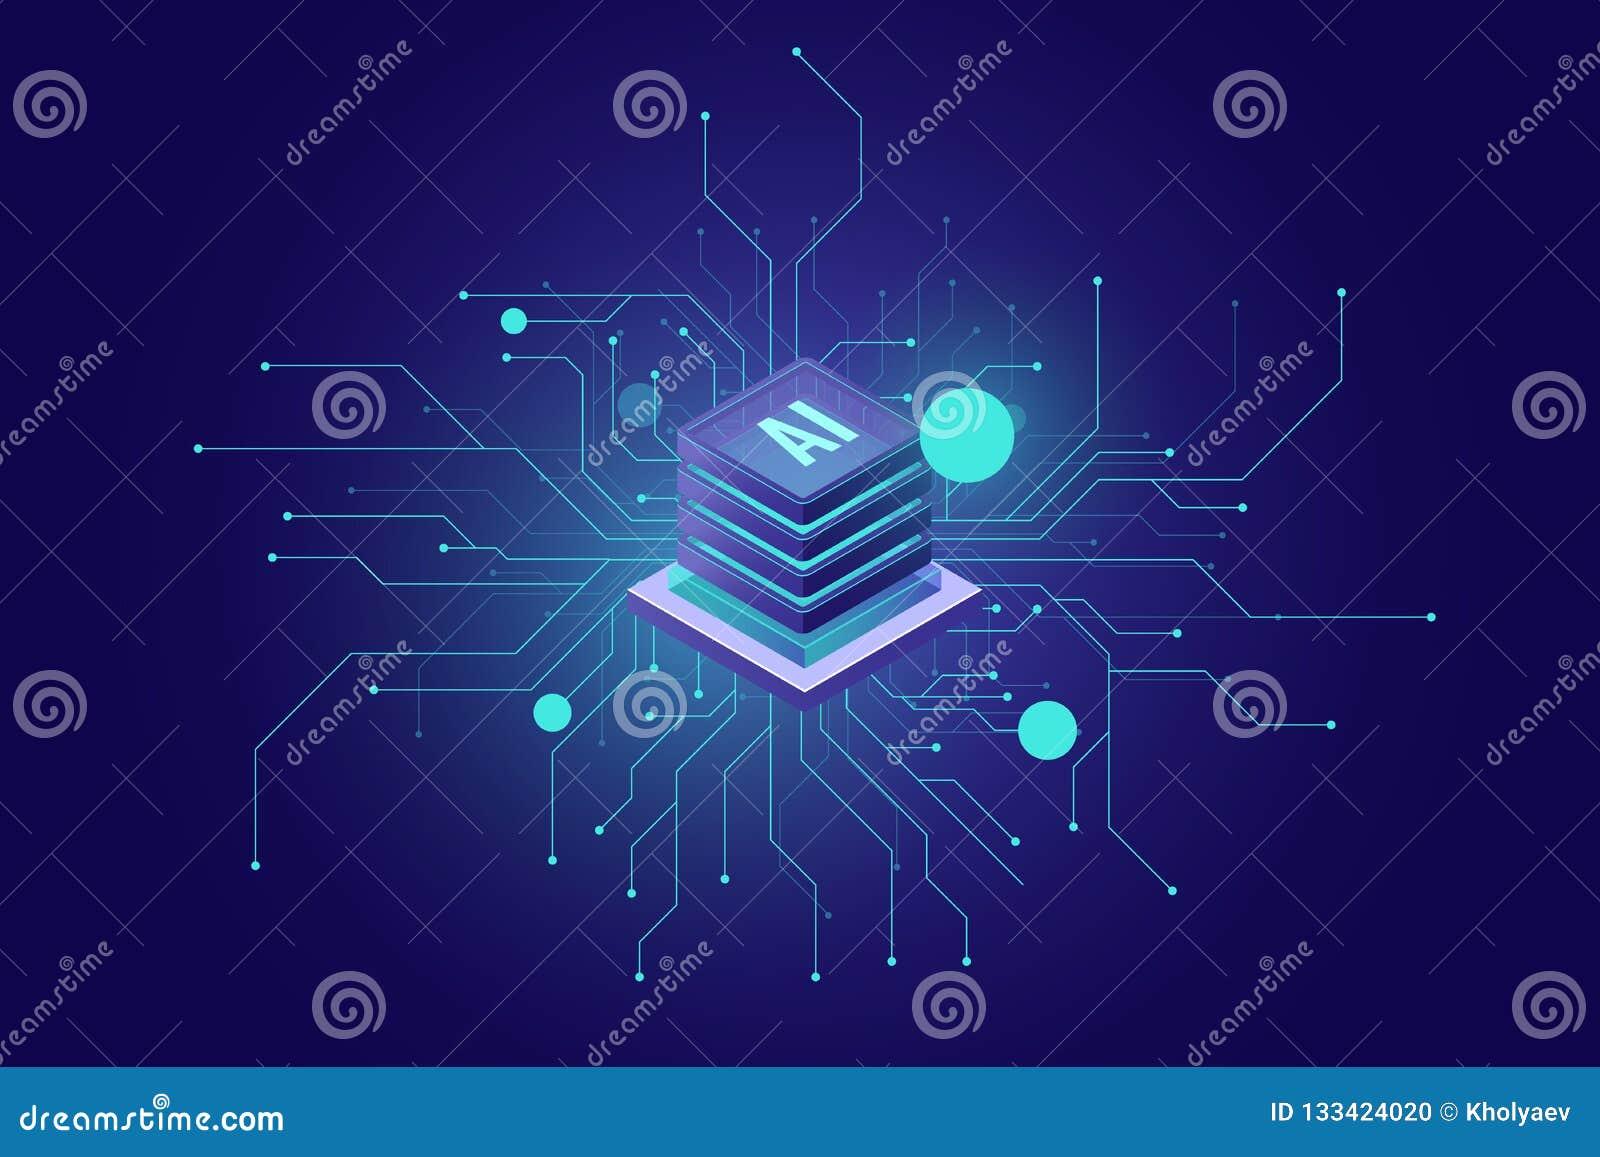 Σύνδεση στο Διαδίκτυο, τεχνητής νοημοσύνης αφηρημένη αίσθηση εικονιδίων AI isometric της επιστήμης και της τεχνολογίας, δωμάτιο κ